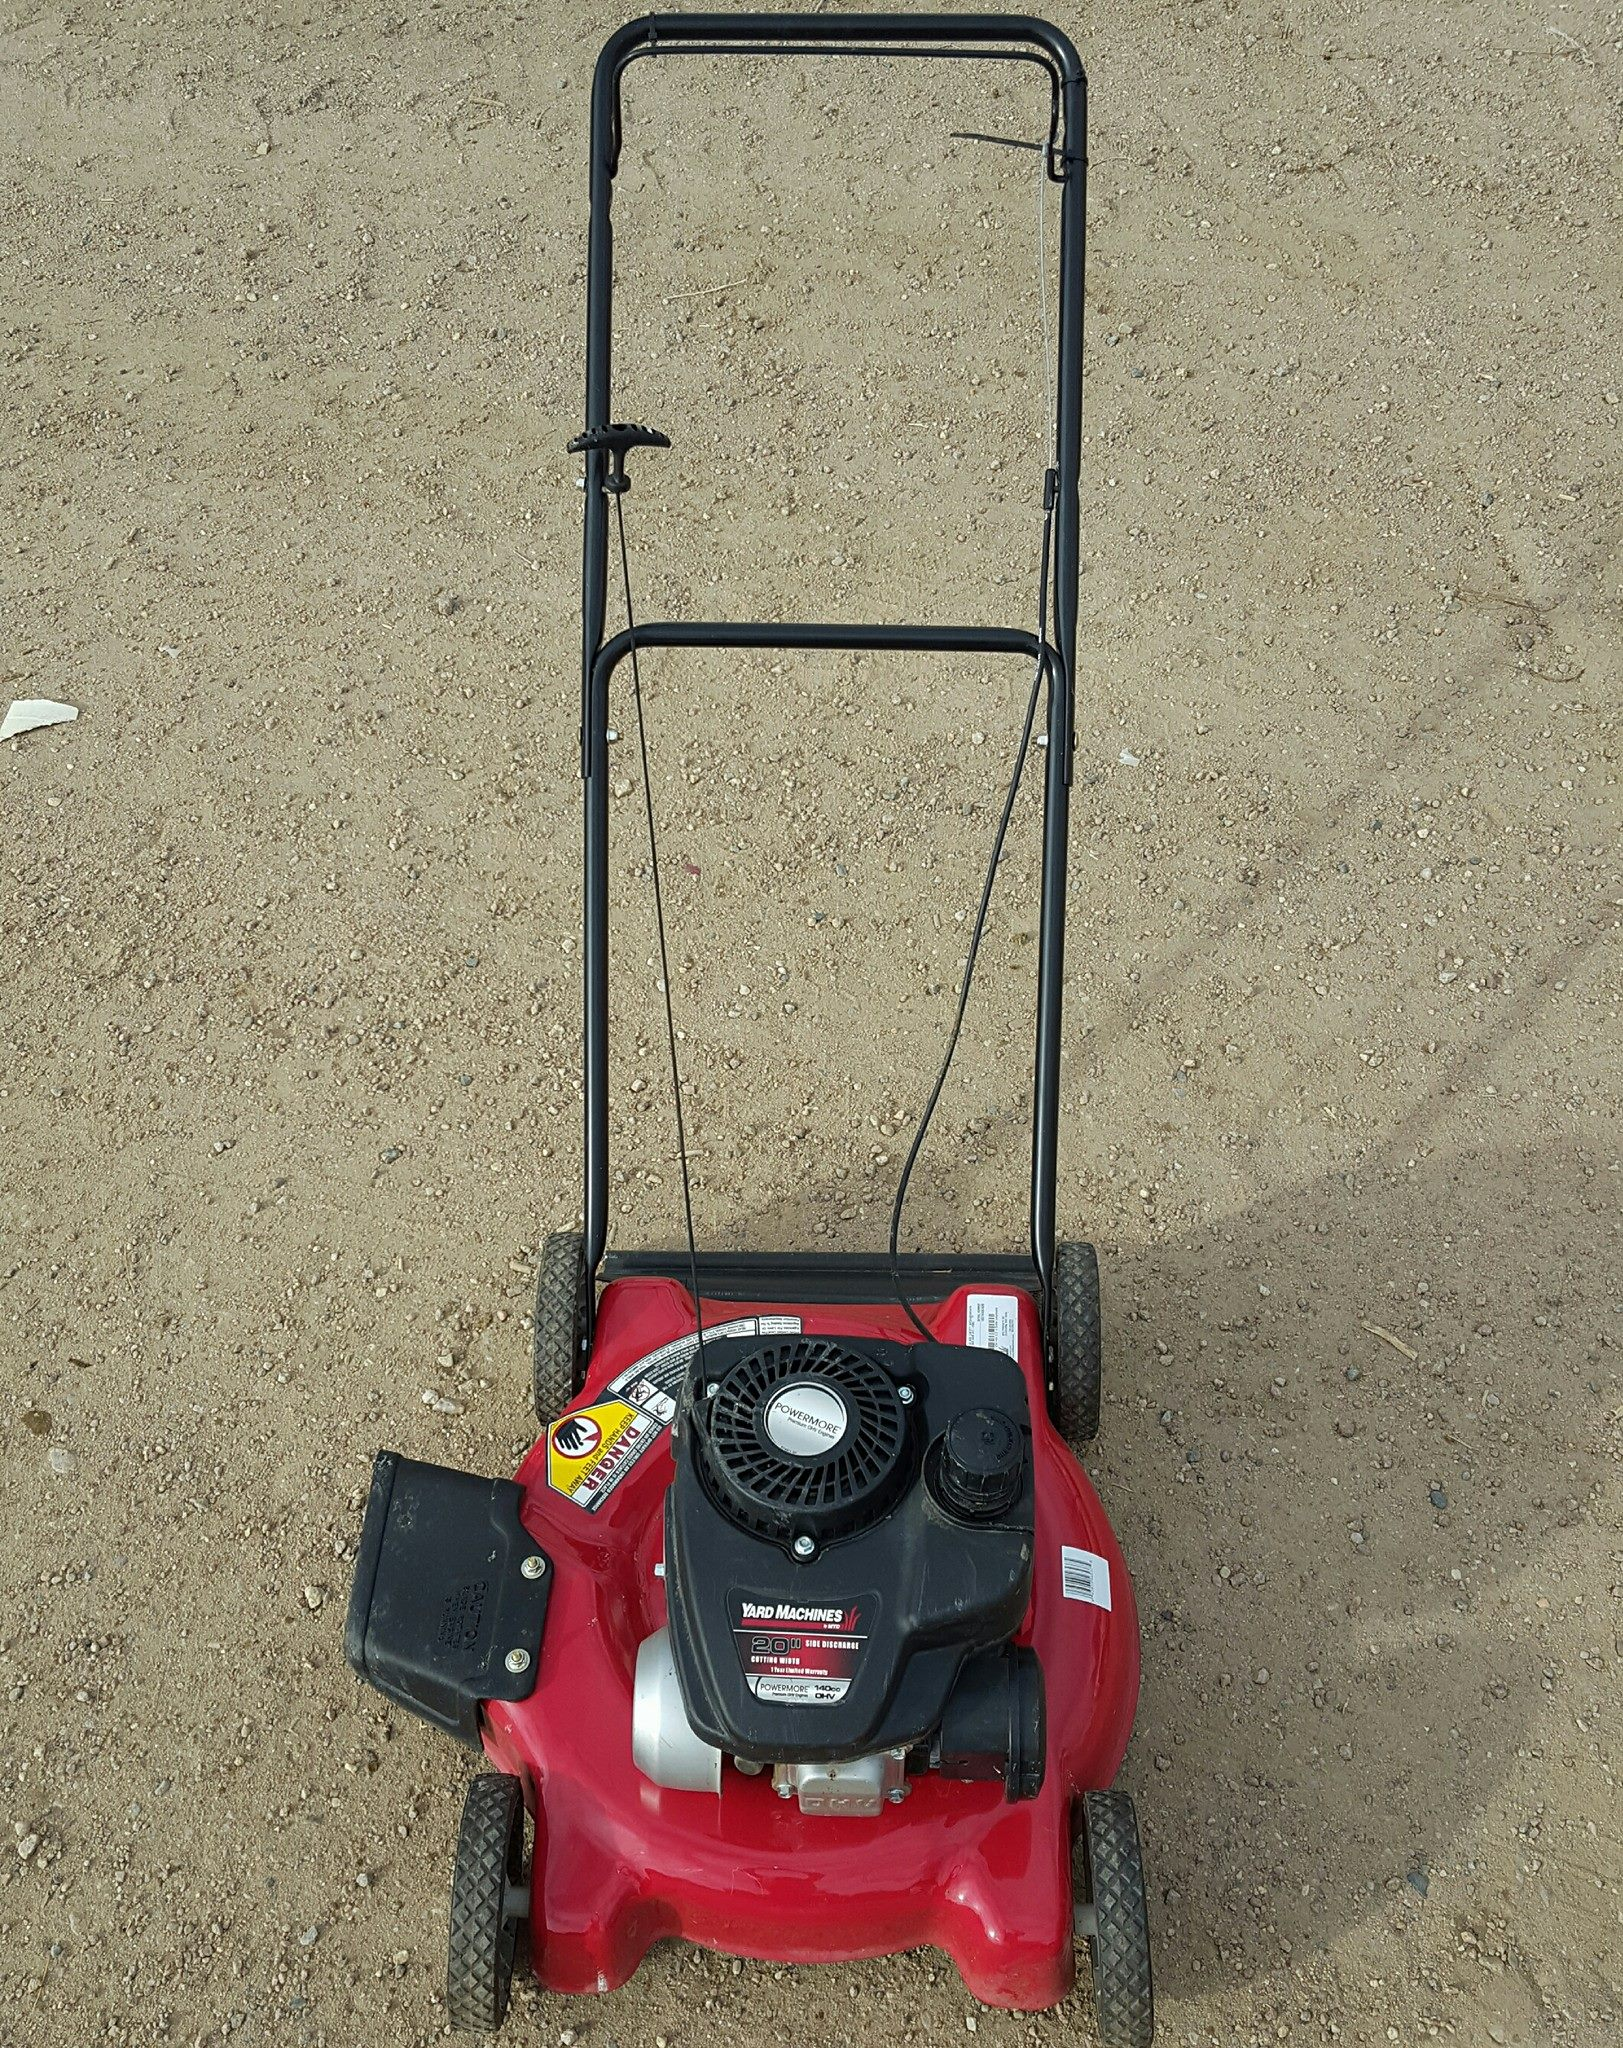 Yard Machine push mower